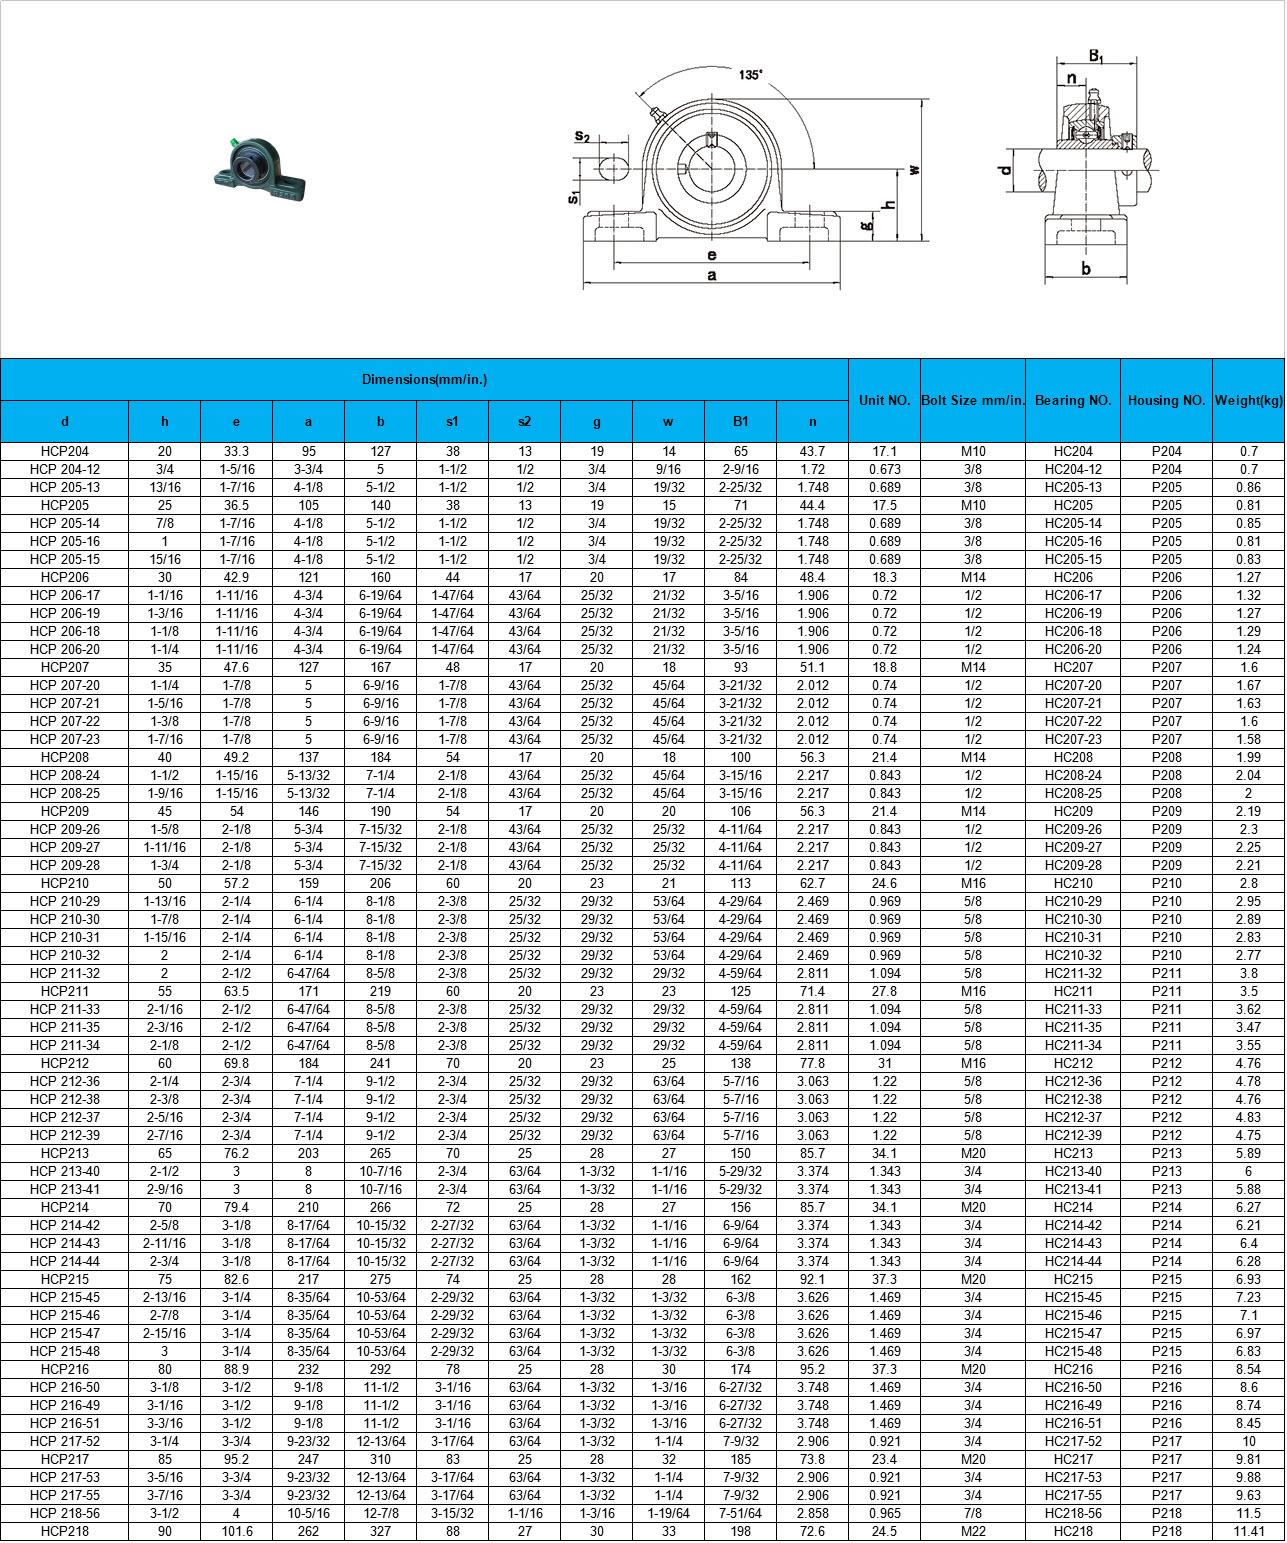 HCP204 | HCP 204-12 | HCP 205-13 | HCP205 | HCP 205-14 | HCP 205-16 | HCP 205-15 | HCP206 | HCP 206-17 | HCP 206-19 | HCP 206-18 | HCP 206-20 | HCP207 | HCP 207-20 | HCP 207-21 | HCP 207-22 | HCP 207-23 | HCP208 | HCP 208-24 | HCP 208-25 | HCP209 | HCP 209-26 | HCP 209-27 | HCP 209-28 | HCP210 | HCP 210-29 | HCP 210-30 | HCP 210-31 | HCP 210-32 | HCP 211-32 | HCP211 | HCP 211-33 | HCP 211-35 | HCP 211-34 | HCP212 | HCP 212-36 | HCP 212-38 | HCP 212-37 | HCP 212-39 | HCP213 | HCP 213-40 | HCP 213-41 | HCP214 | HCP 214-42 | HCP 214-43 | HCP 214-44 | HCP215 | HCP 215-45 | HCP 215-46 | HCP 215-47 | HCP 215-48 | HCP216 | HCP 216-50 | HCP 216-49 | HCP 216-51 | HCP 217-52 | HCP217 | HCP 217-53 | HCP 217-55 | HCP 218-56 | HCP218